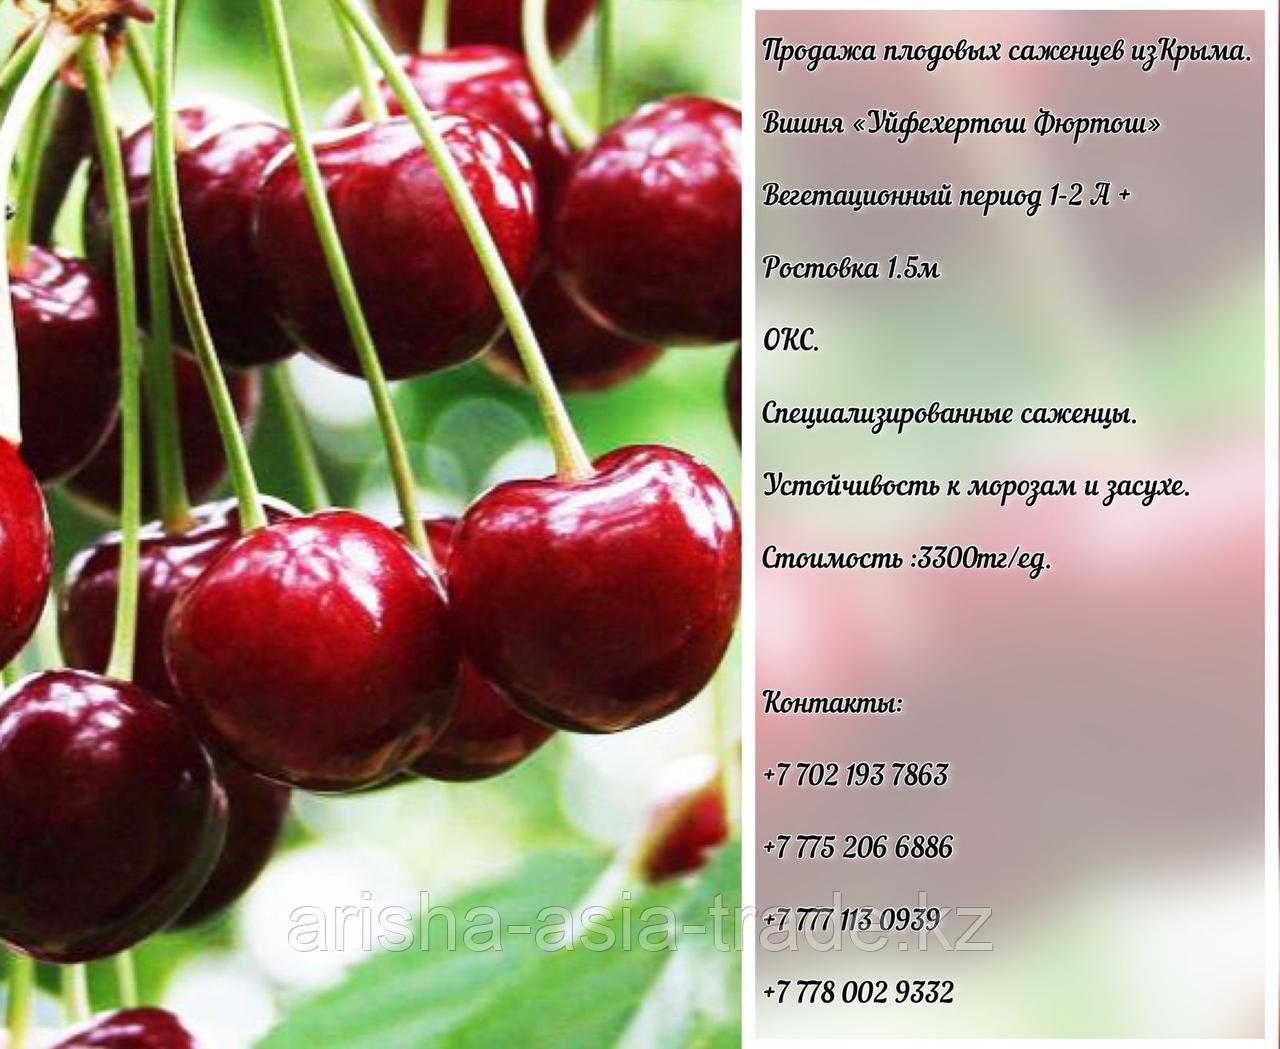 """Саженец вишни """"Уйфехертош Фюртош"""" Крым"""